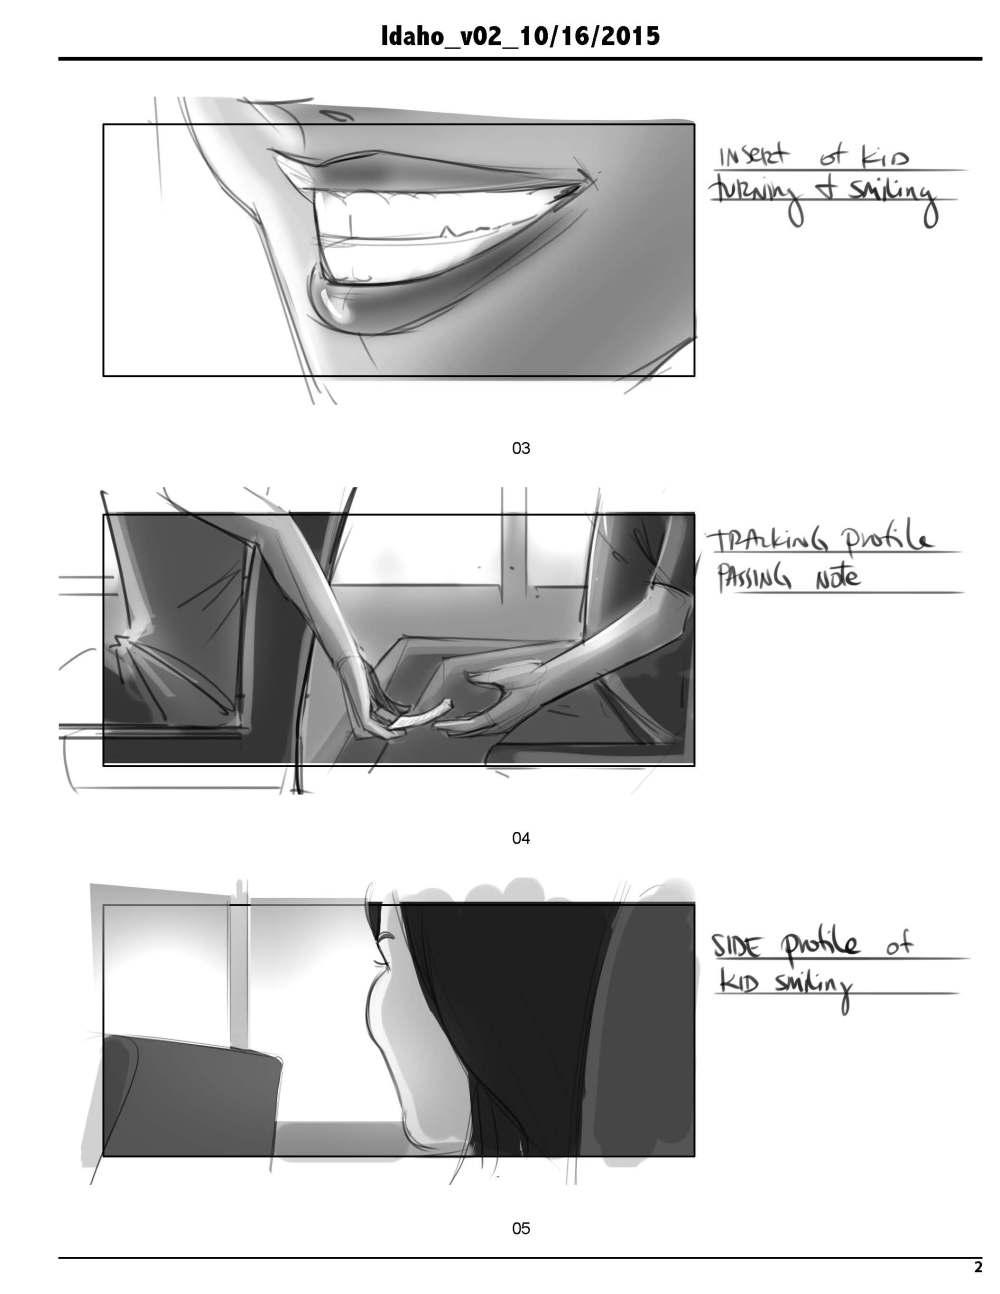 idaho_v02_page_2